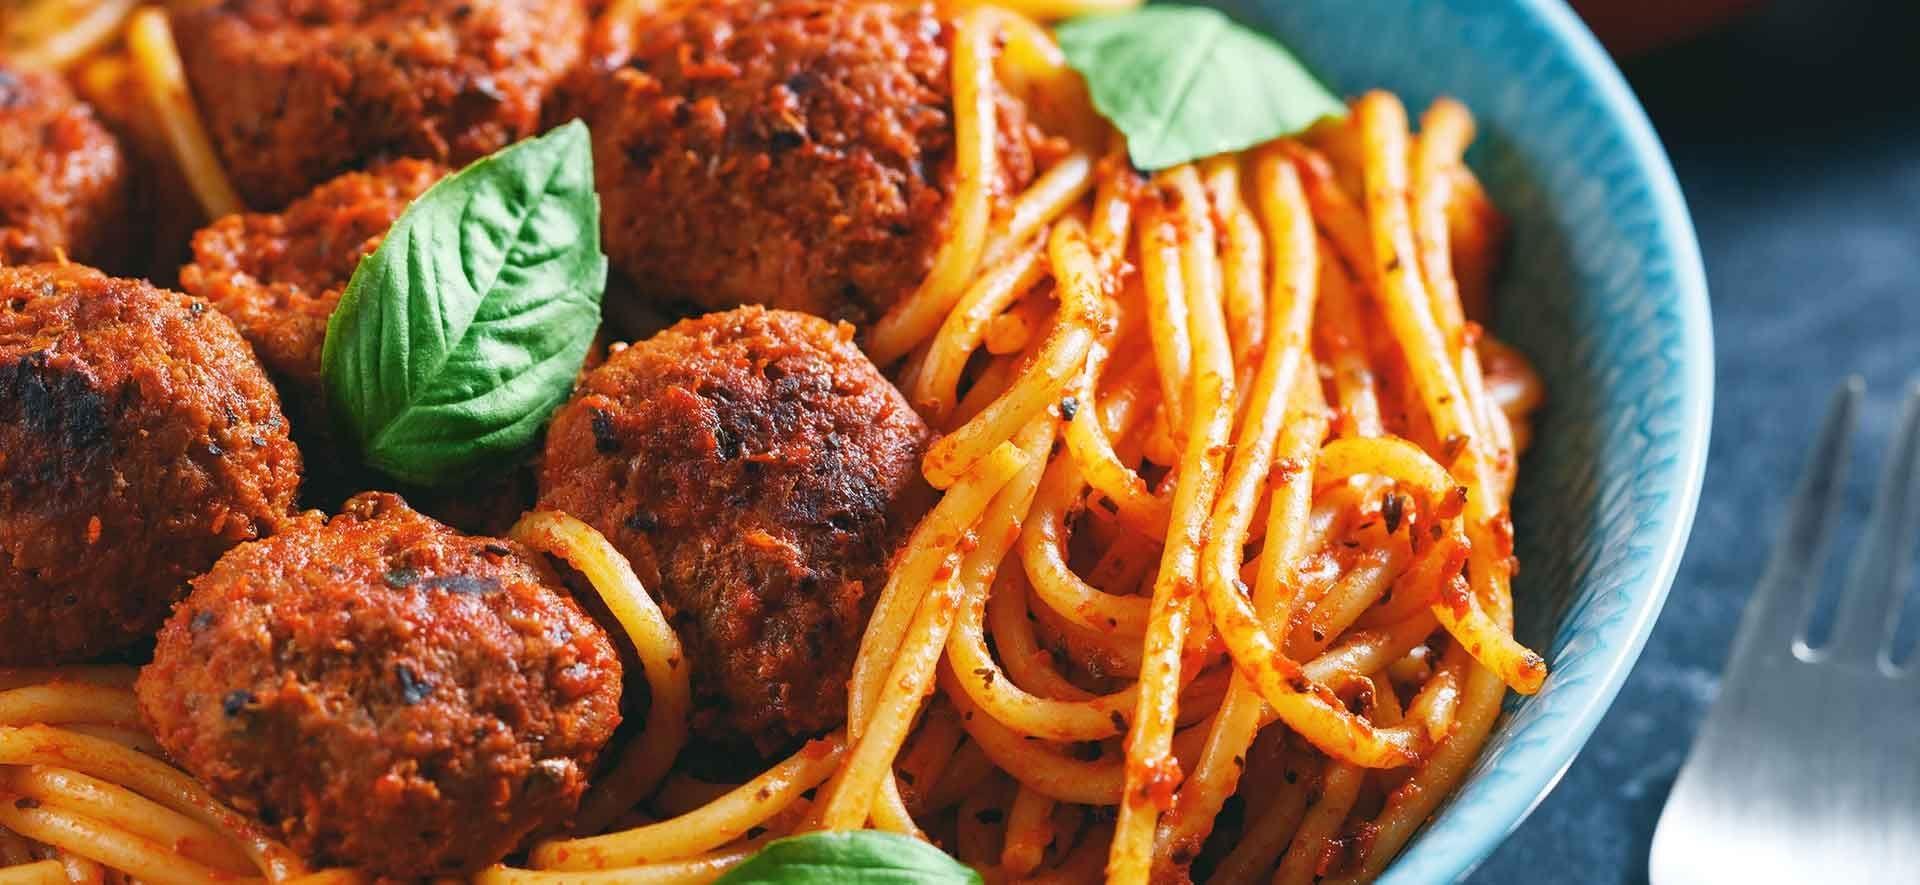 Order delicious pasta dishes from Buon Senso in Edinburgh